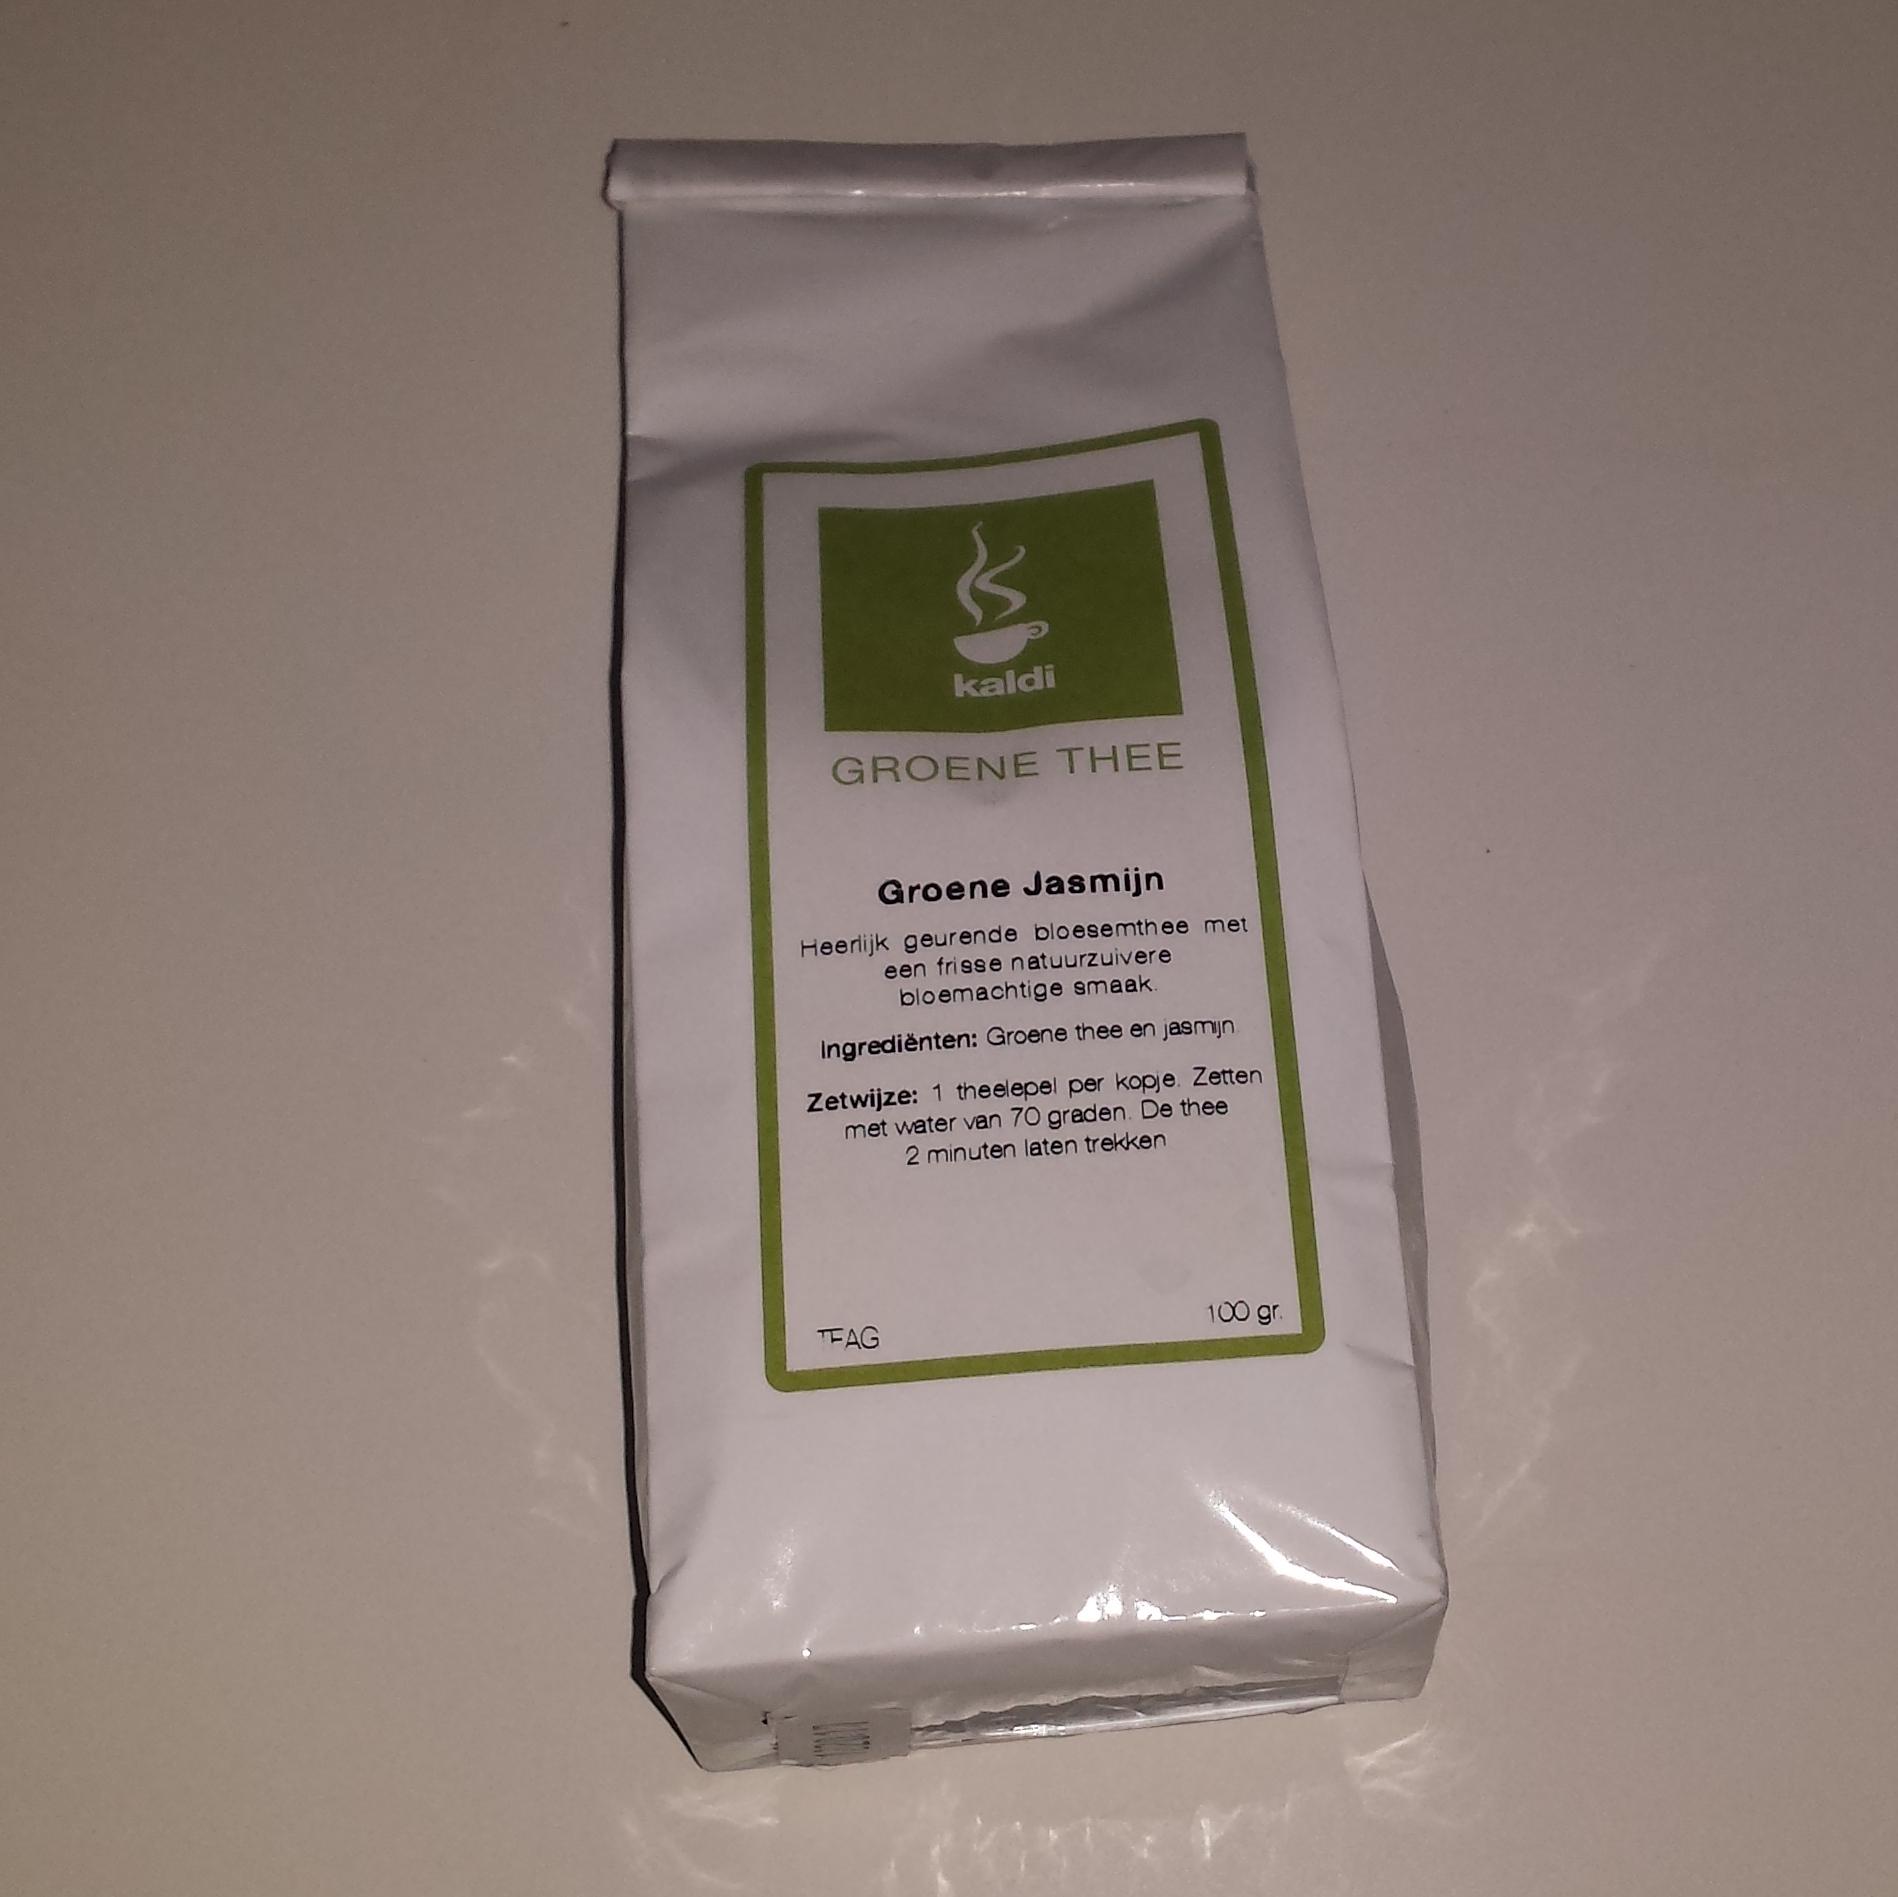 Winactie: Groene Jasmijn van Kaldi